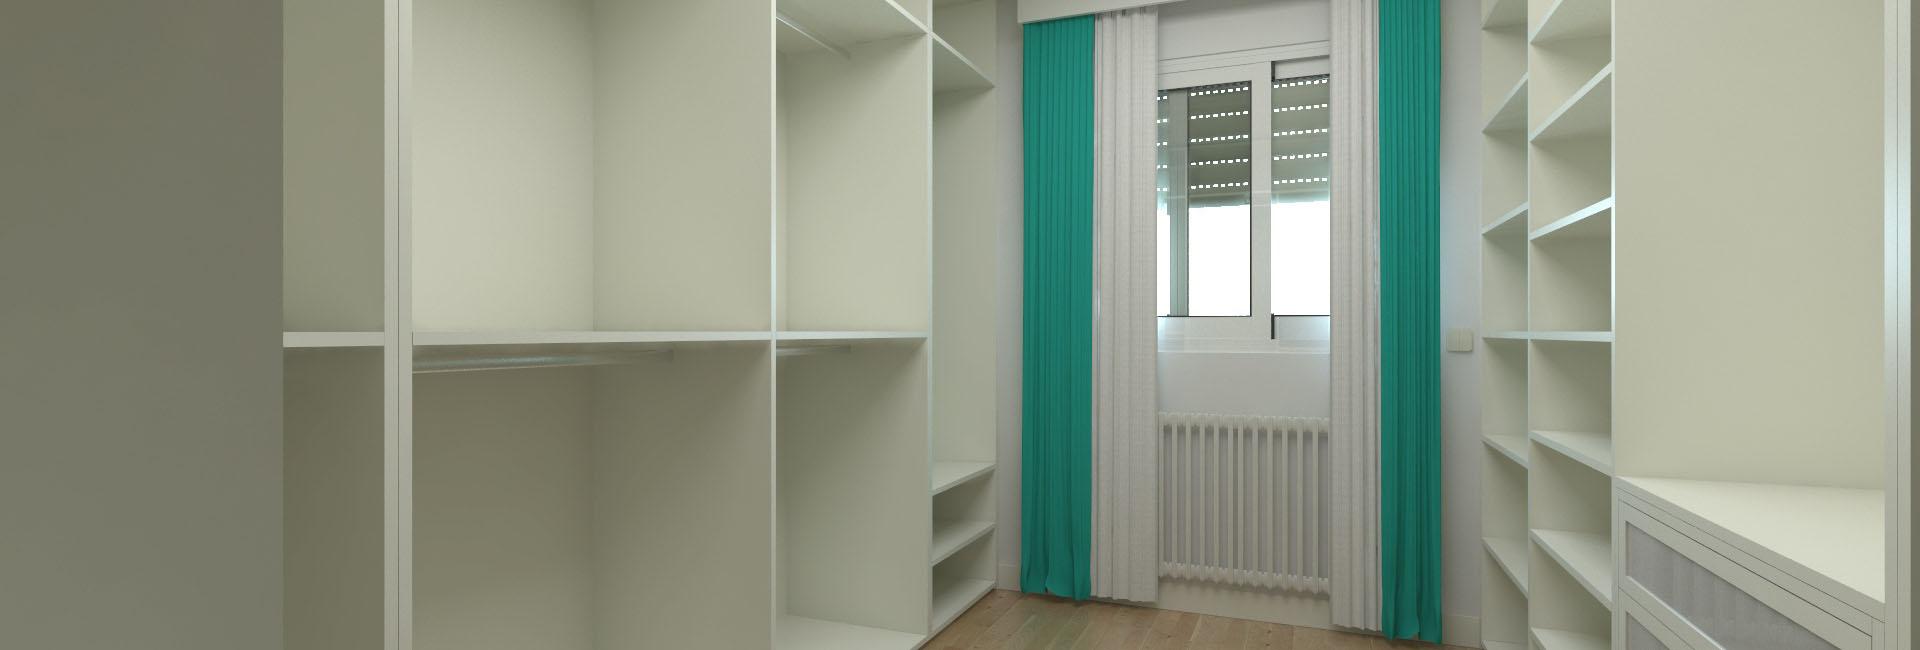 Begehbarer Kleiderschrank Planung Tipps Bauspezi Baumarkt E